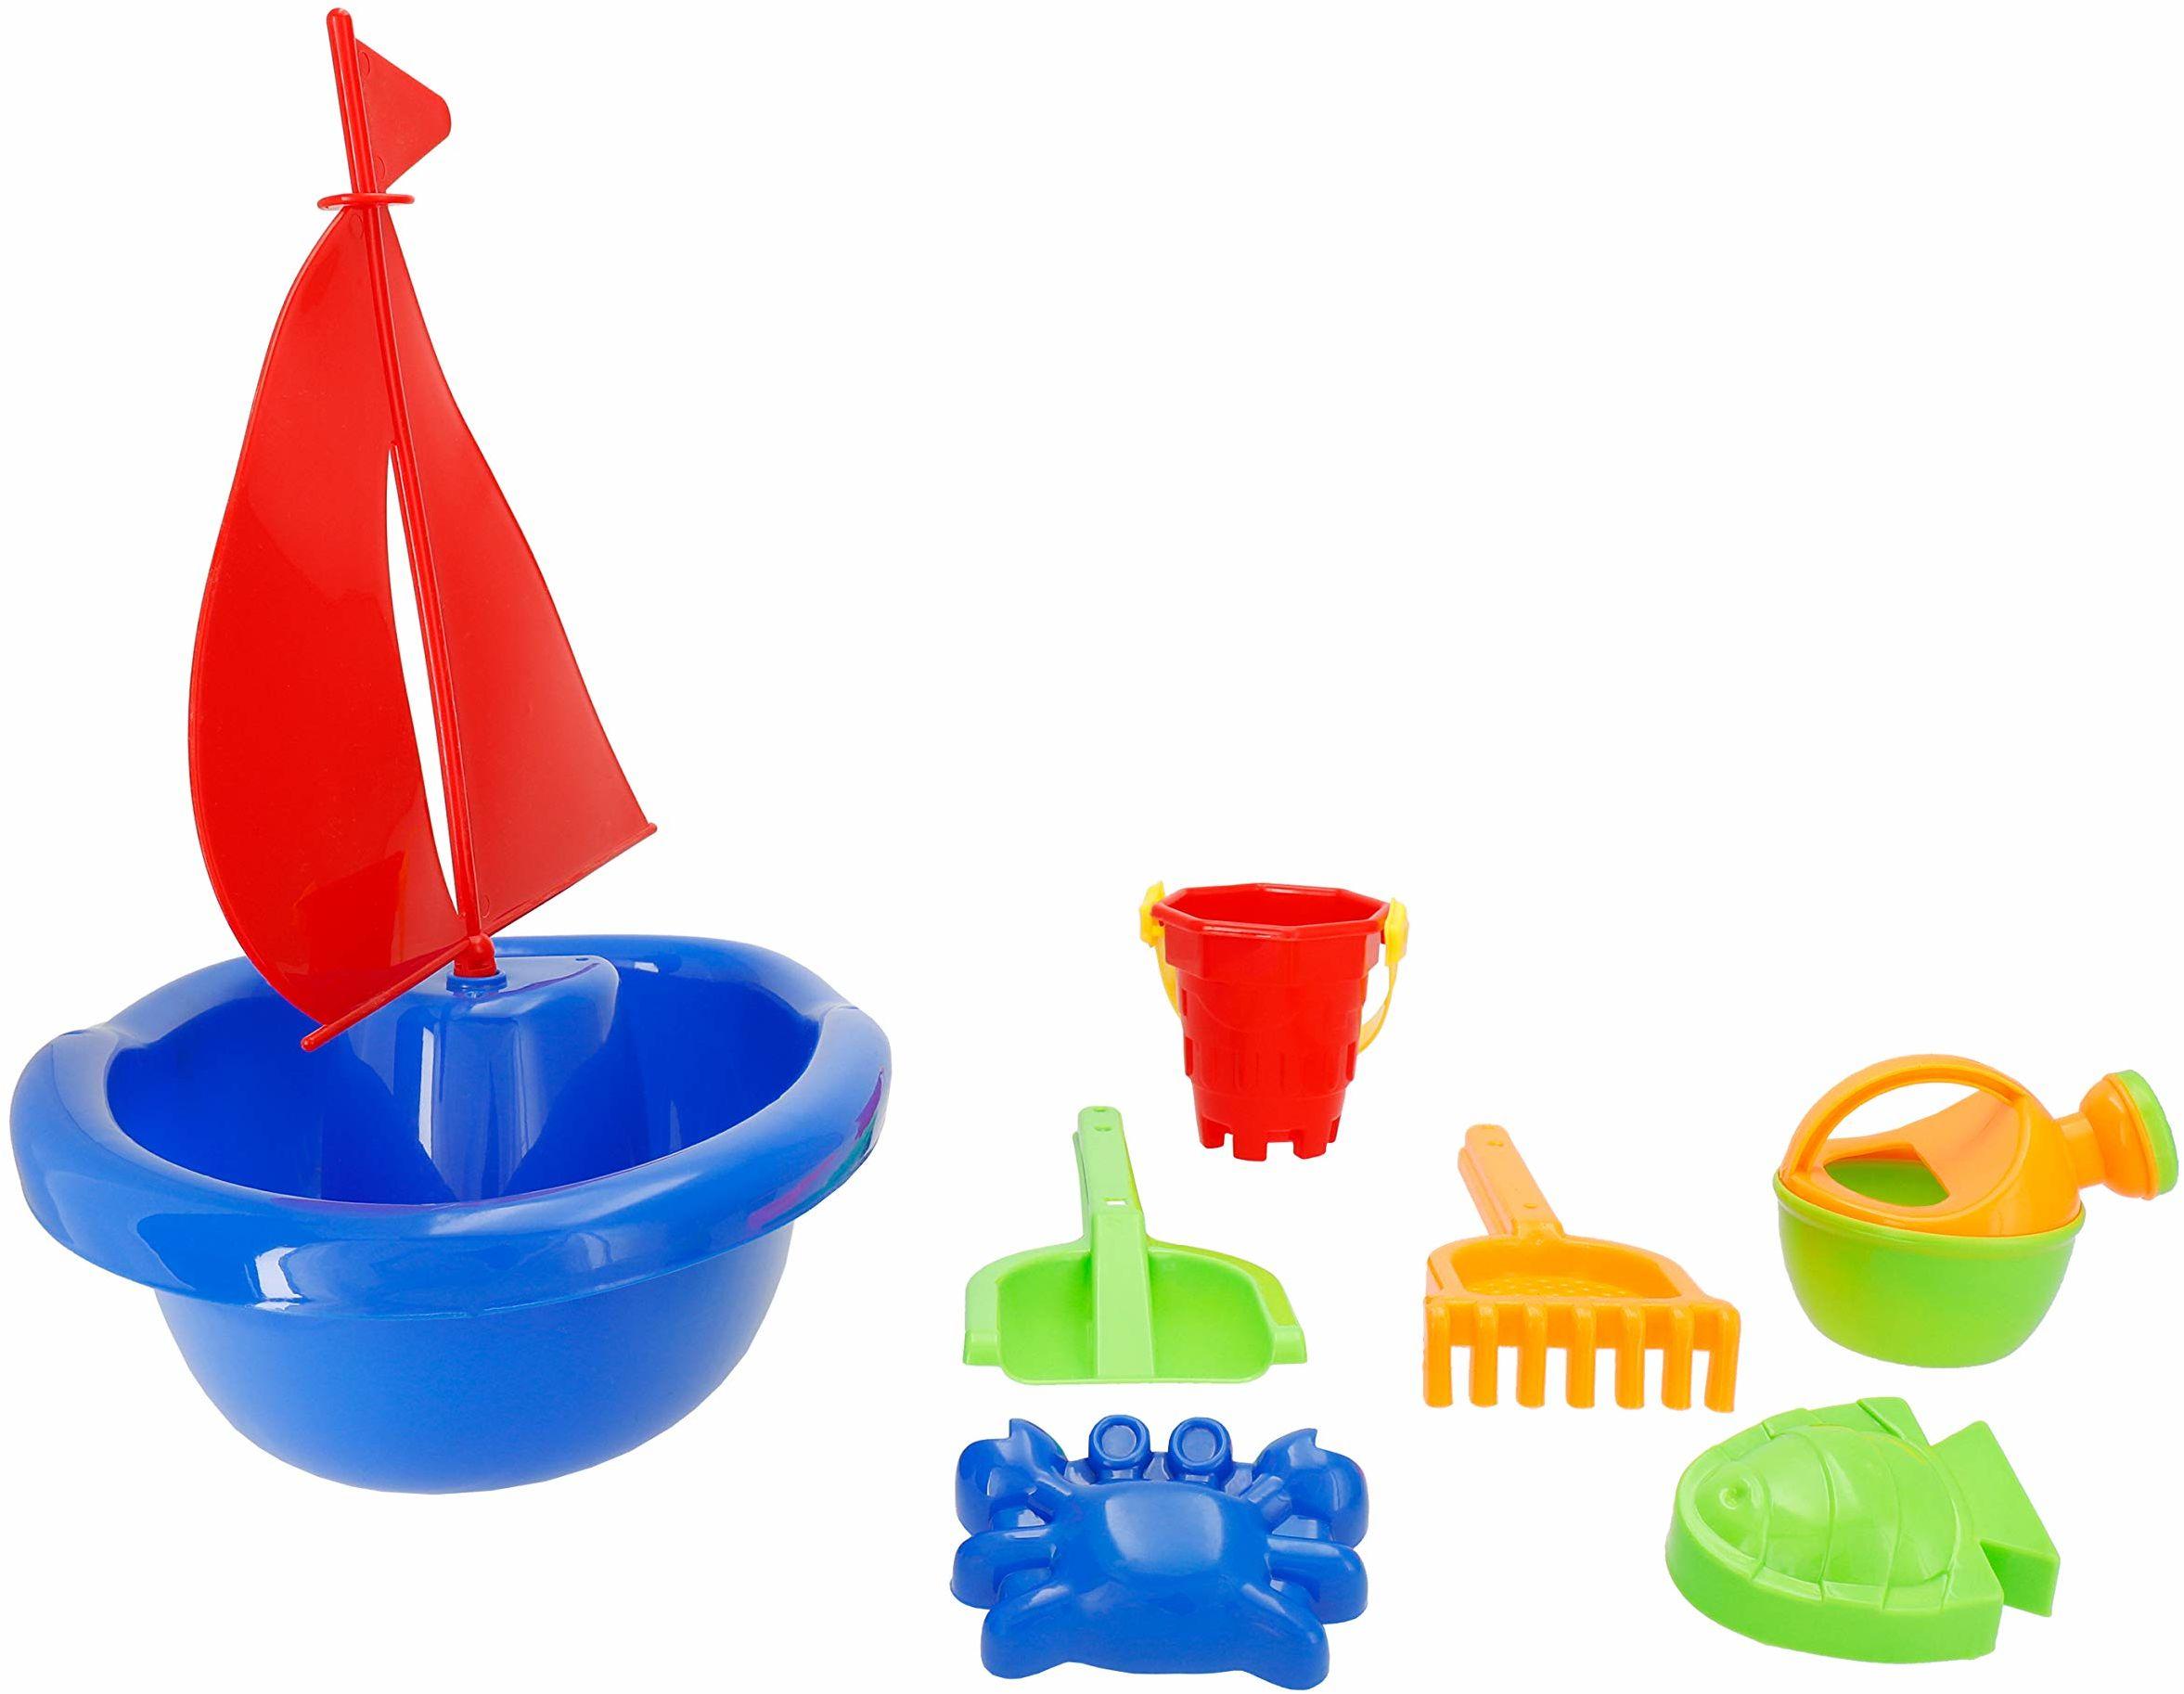 Bieco Zestaw 7-częściowy żaglówka ok. 35 cm idealna zabawka plażowa dla dzieci piaskownica, zabawki dla dzieci piaskownice, piaskownica, piaskownica i statek